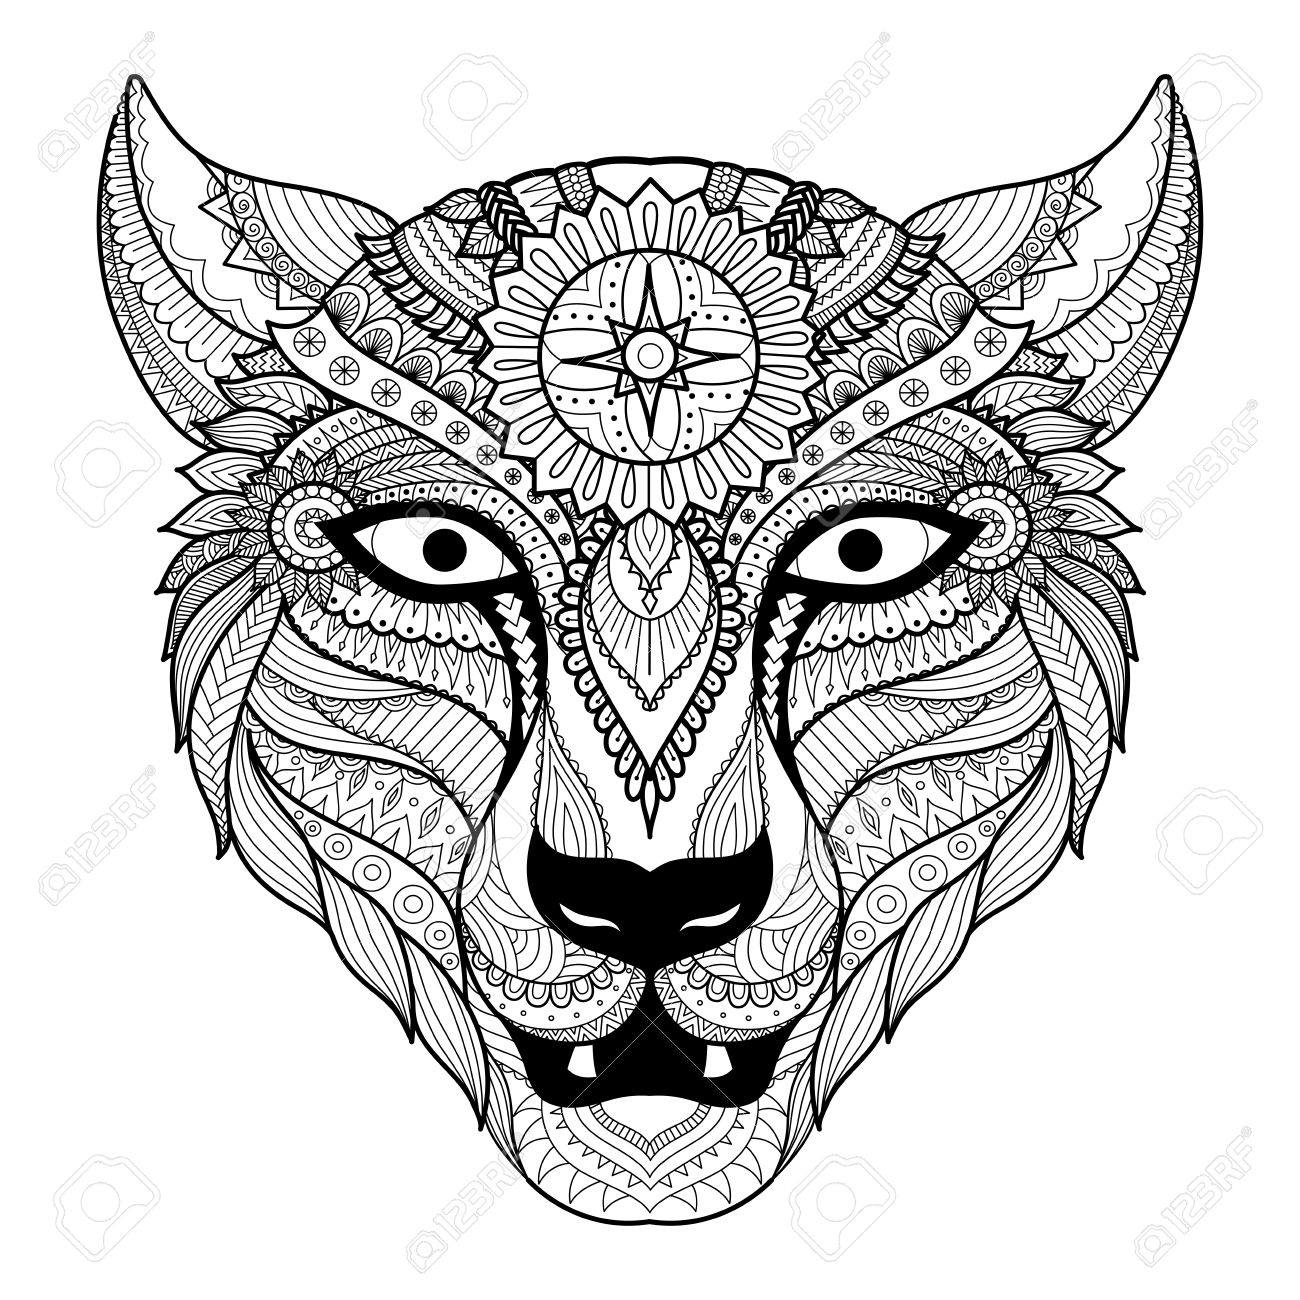 Leopardos Para Colorear. Elegant Dibujo Para Colorear Leopardo ...